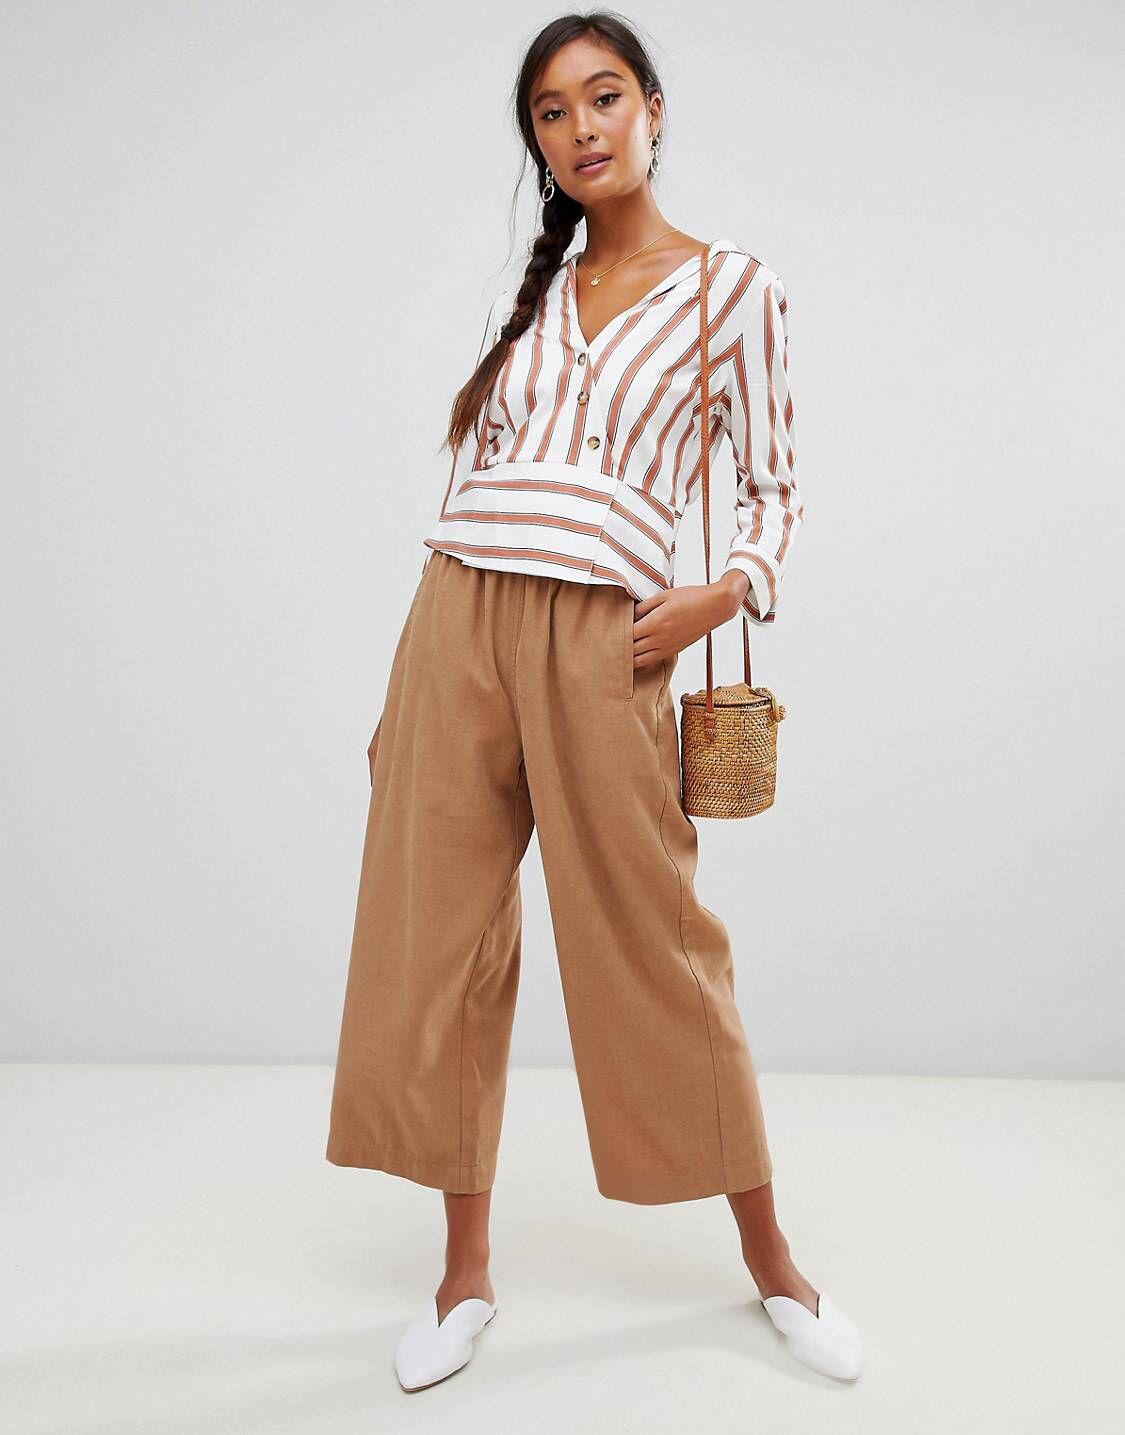 1c1a94087b2b6f Miss Selfridge cropped wide leg pants in camel in 2019 | s t y l e ...